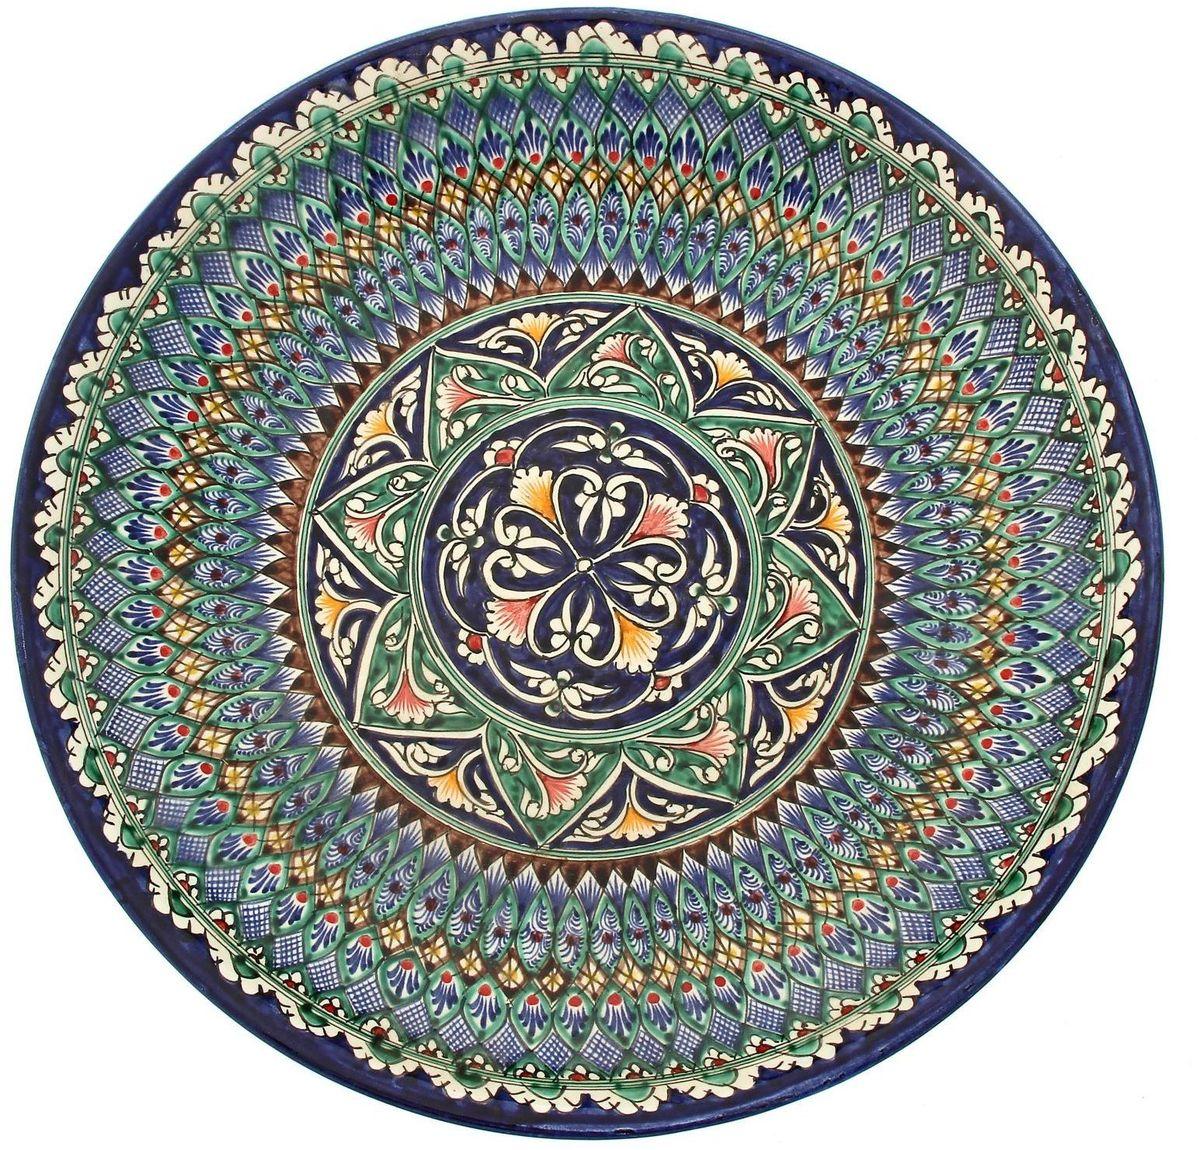 Ляган Риштанская керамика, диаметр 41 см. 19242191924219Ляган — это не просто обеденный атрибут, это украшение стола. Посуда с национальной росписью станет отменным подарком для ценителей высокородной посуды.Риштан — город на востоке Узбекистана, один из древнейших в Ферганской долине. С давних времён Риштан славится своим гончарным искусством изготовления цветной керамики. Красноватую глину для изделия добывают в самом городе. Мастера утверждают, что их глина настолько высокого качества, что даже не нуждается в предварительной обработке. Дополните коллекцию кухонных аксессуаров пряными восточными нотами.